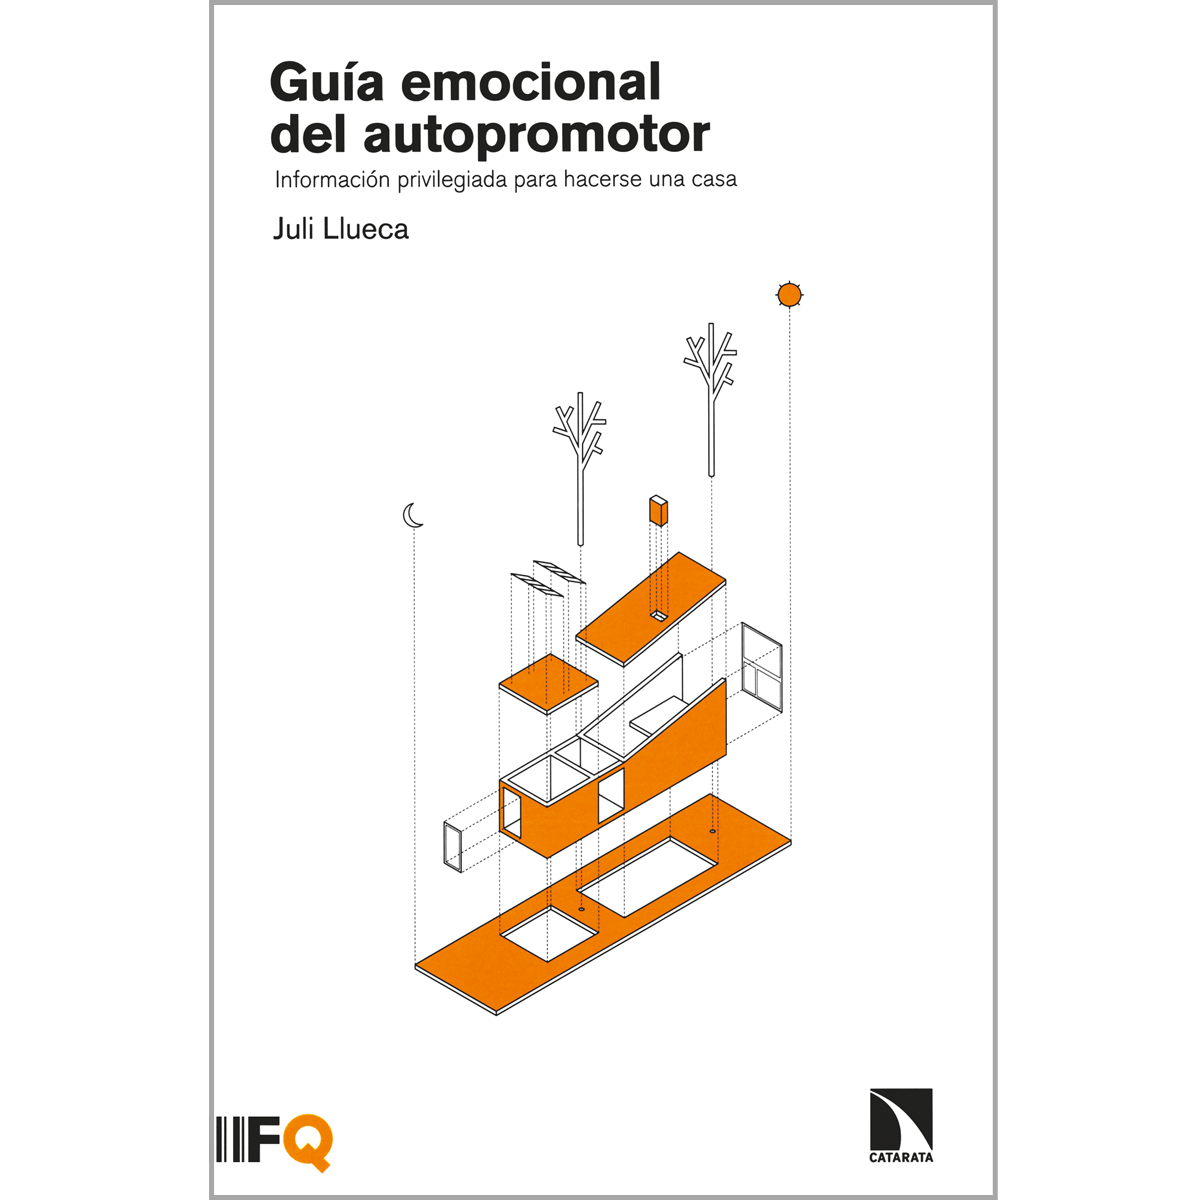 Guía emocional del autopromotor